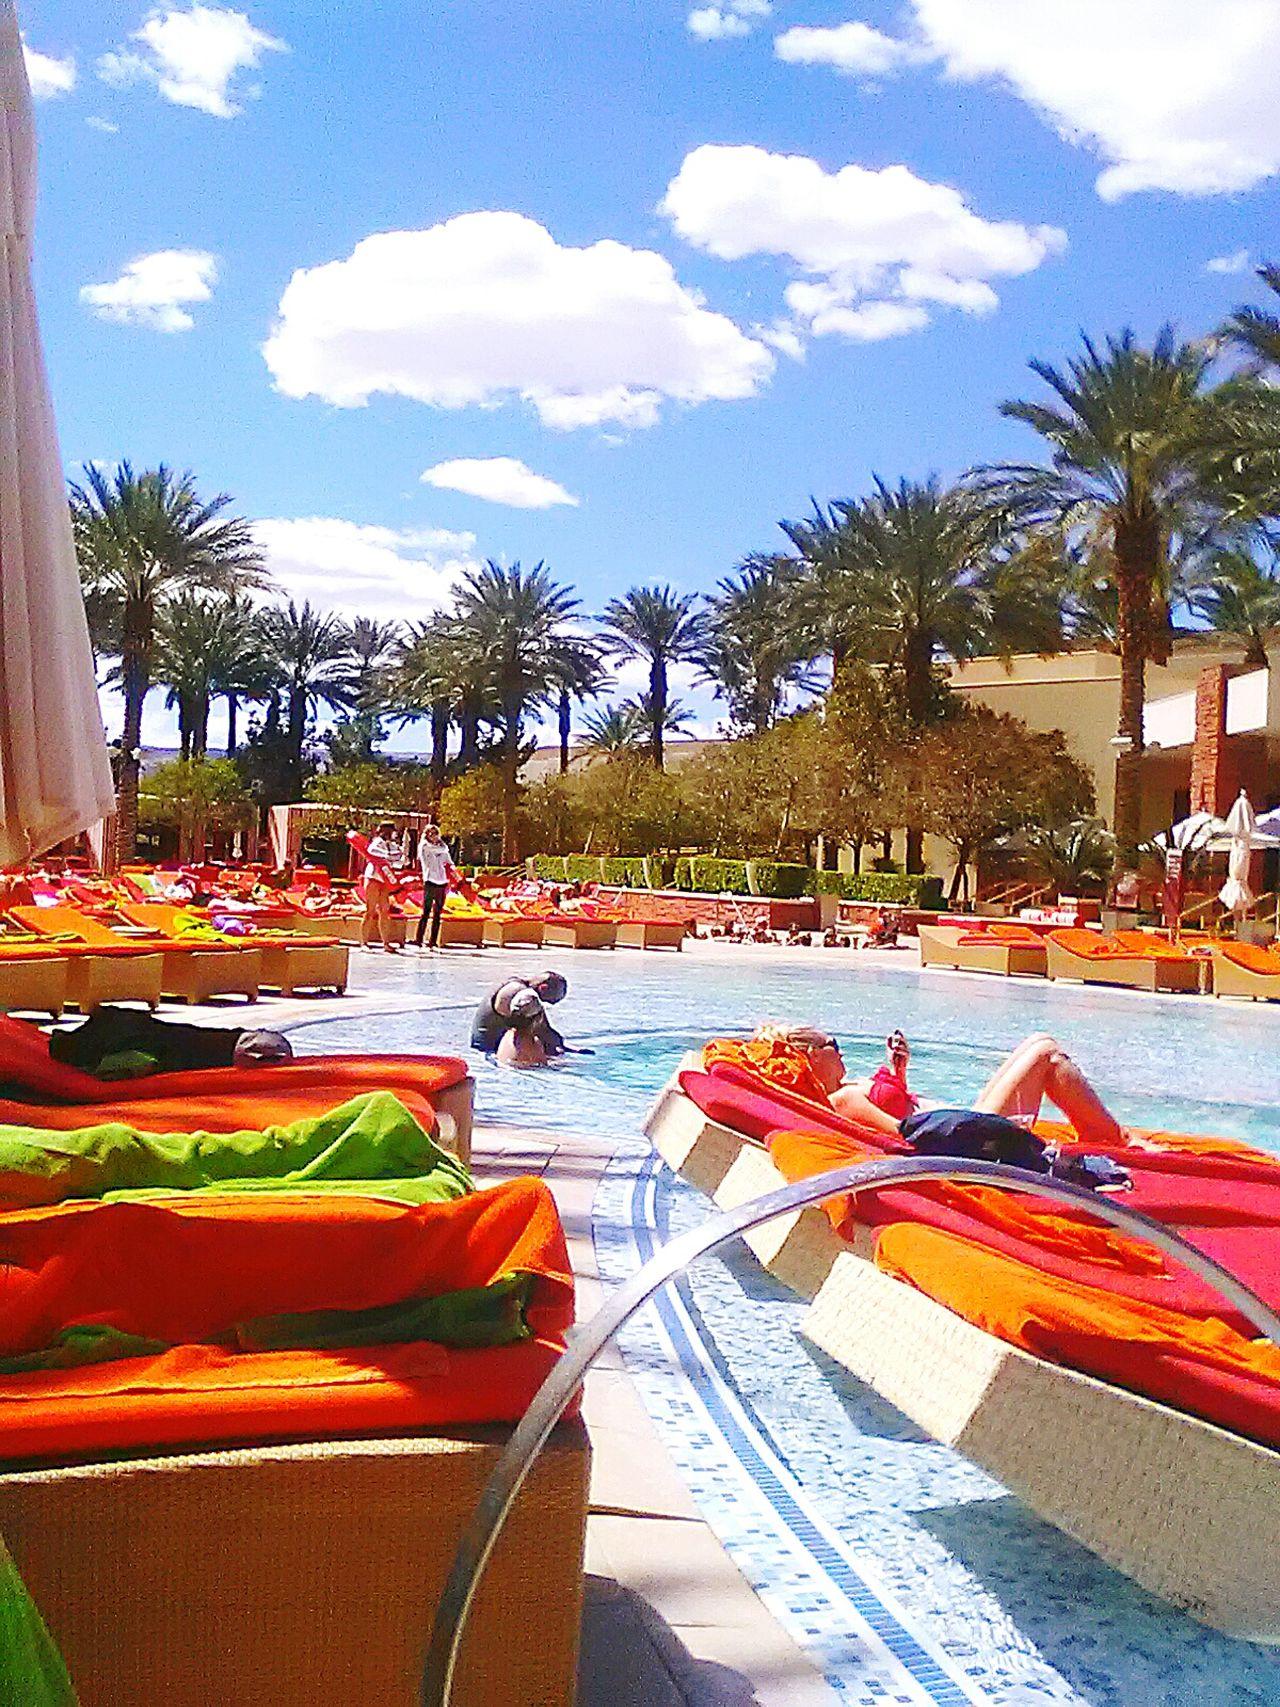 Outdoors Sky Tree Cloud - Sky People Day Poolsideview Red Rock Casino Pool Las Vegas EyEmNewHere EyeEm Best Shots EyeEm Gallery EyeEm Best Edits Beauty In Nature EyeEmNewHere